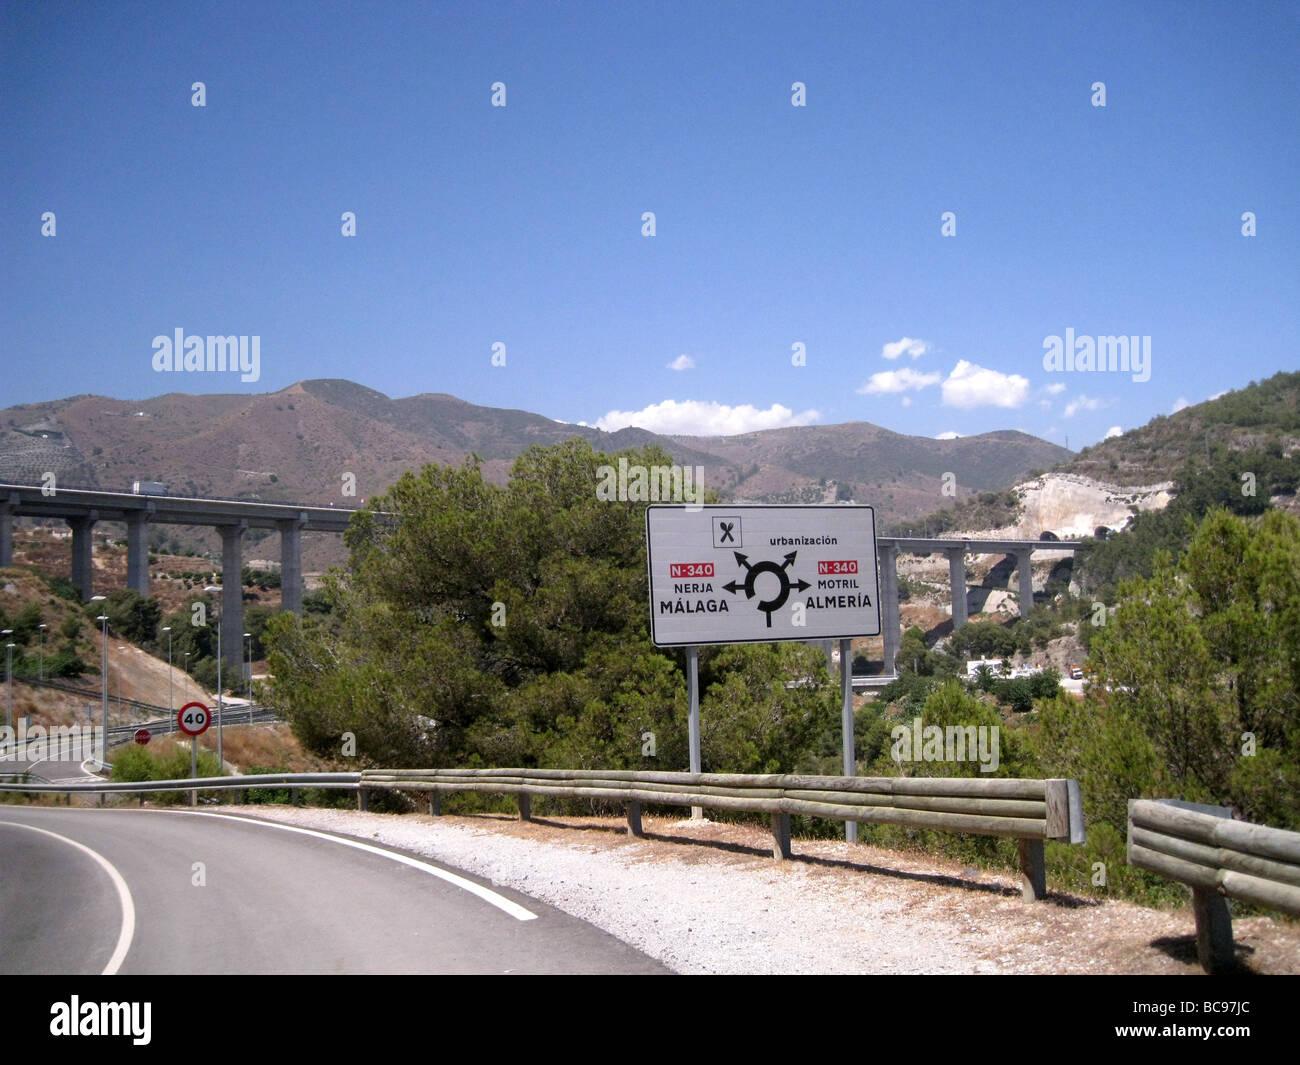 Espagne panneaux indiquant l'autoroute E-15 près d'Almeria en Andalousie avec pont de l'autoroute Photo Stock